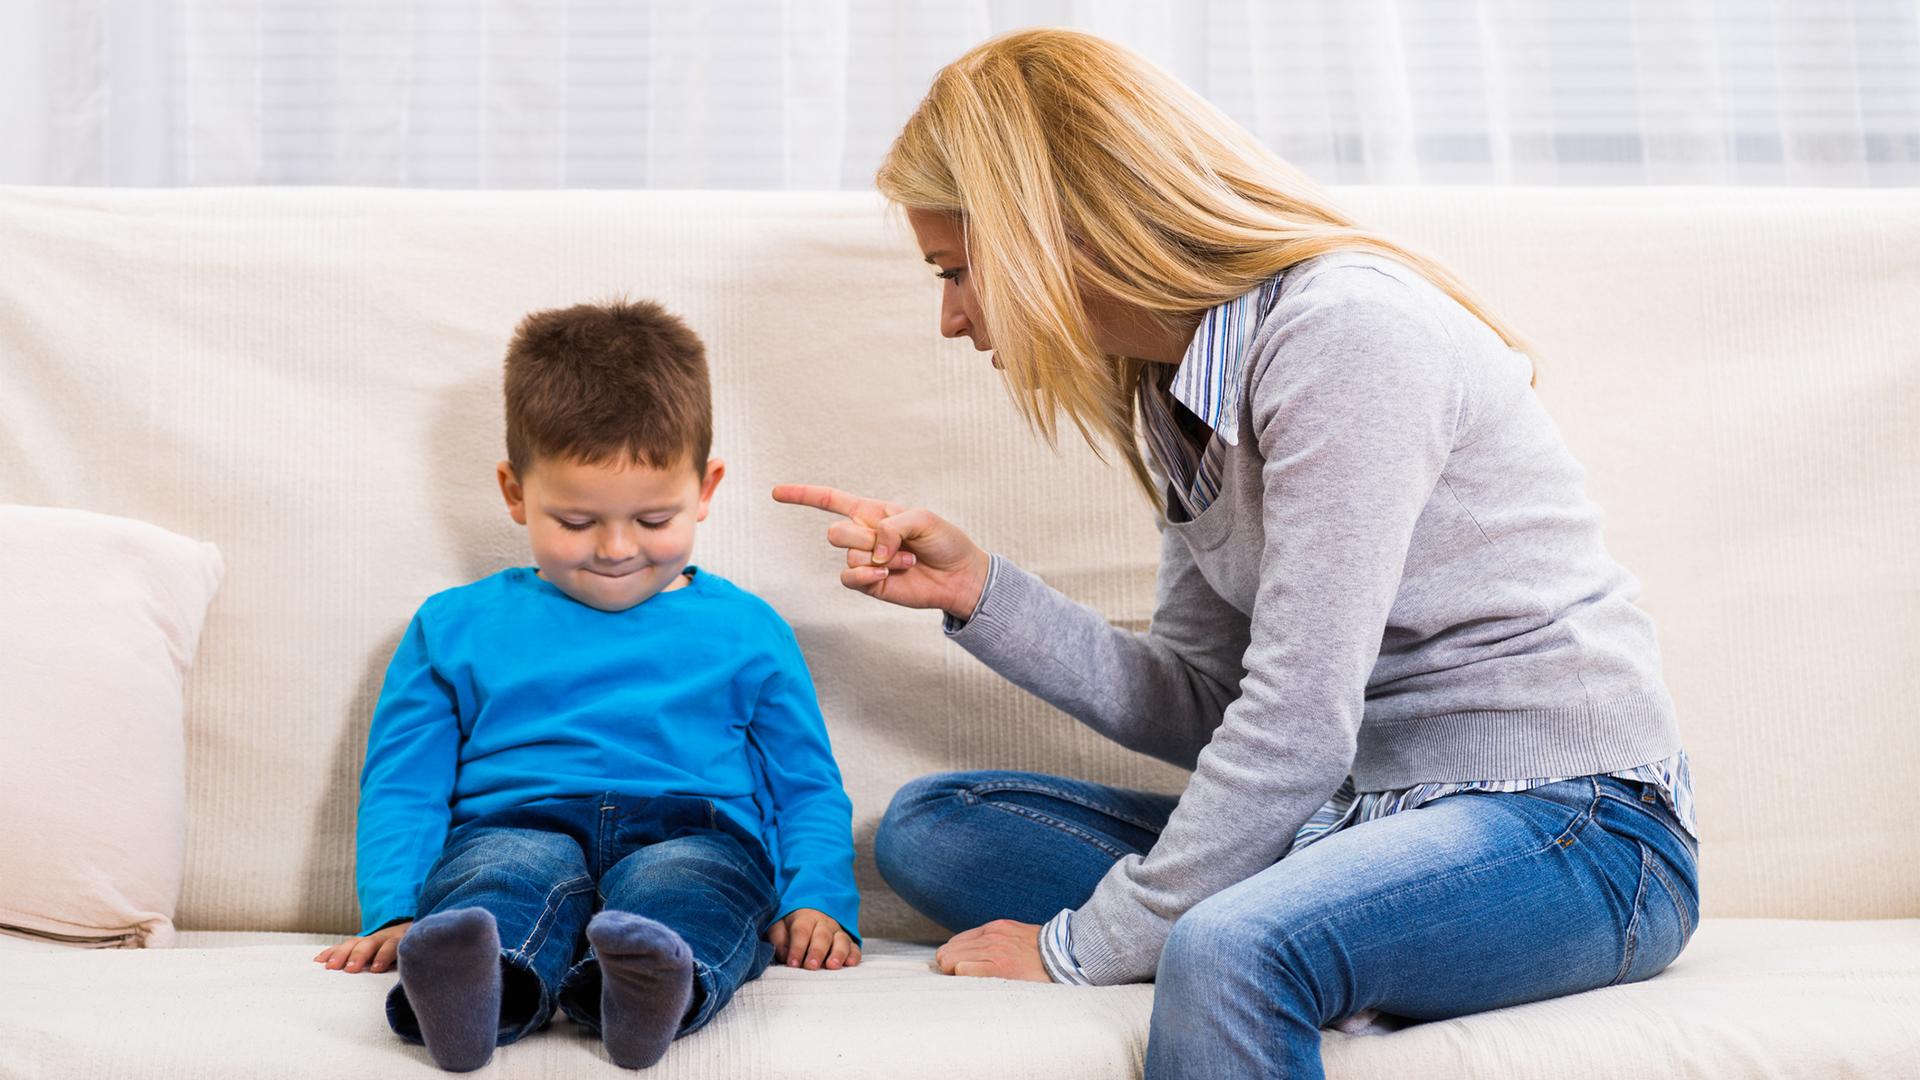 Сын наказал свою мать жестоко, Властная мать наказала нахального сына 9 фотография